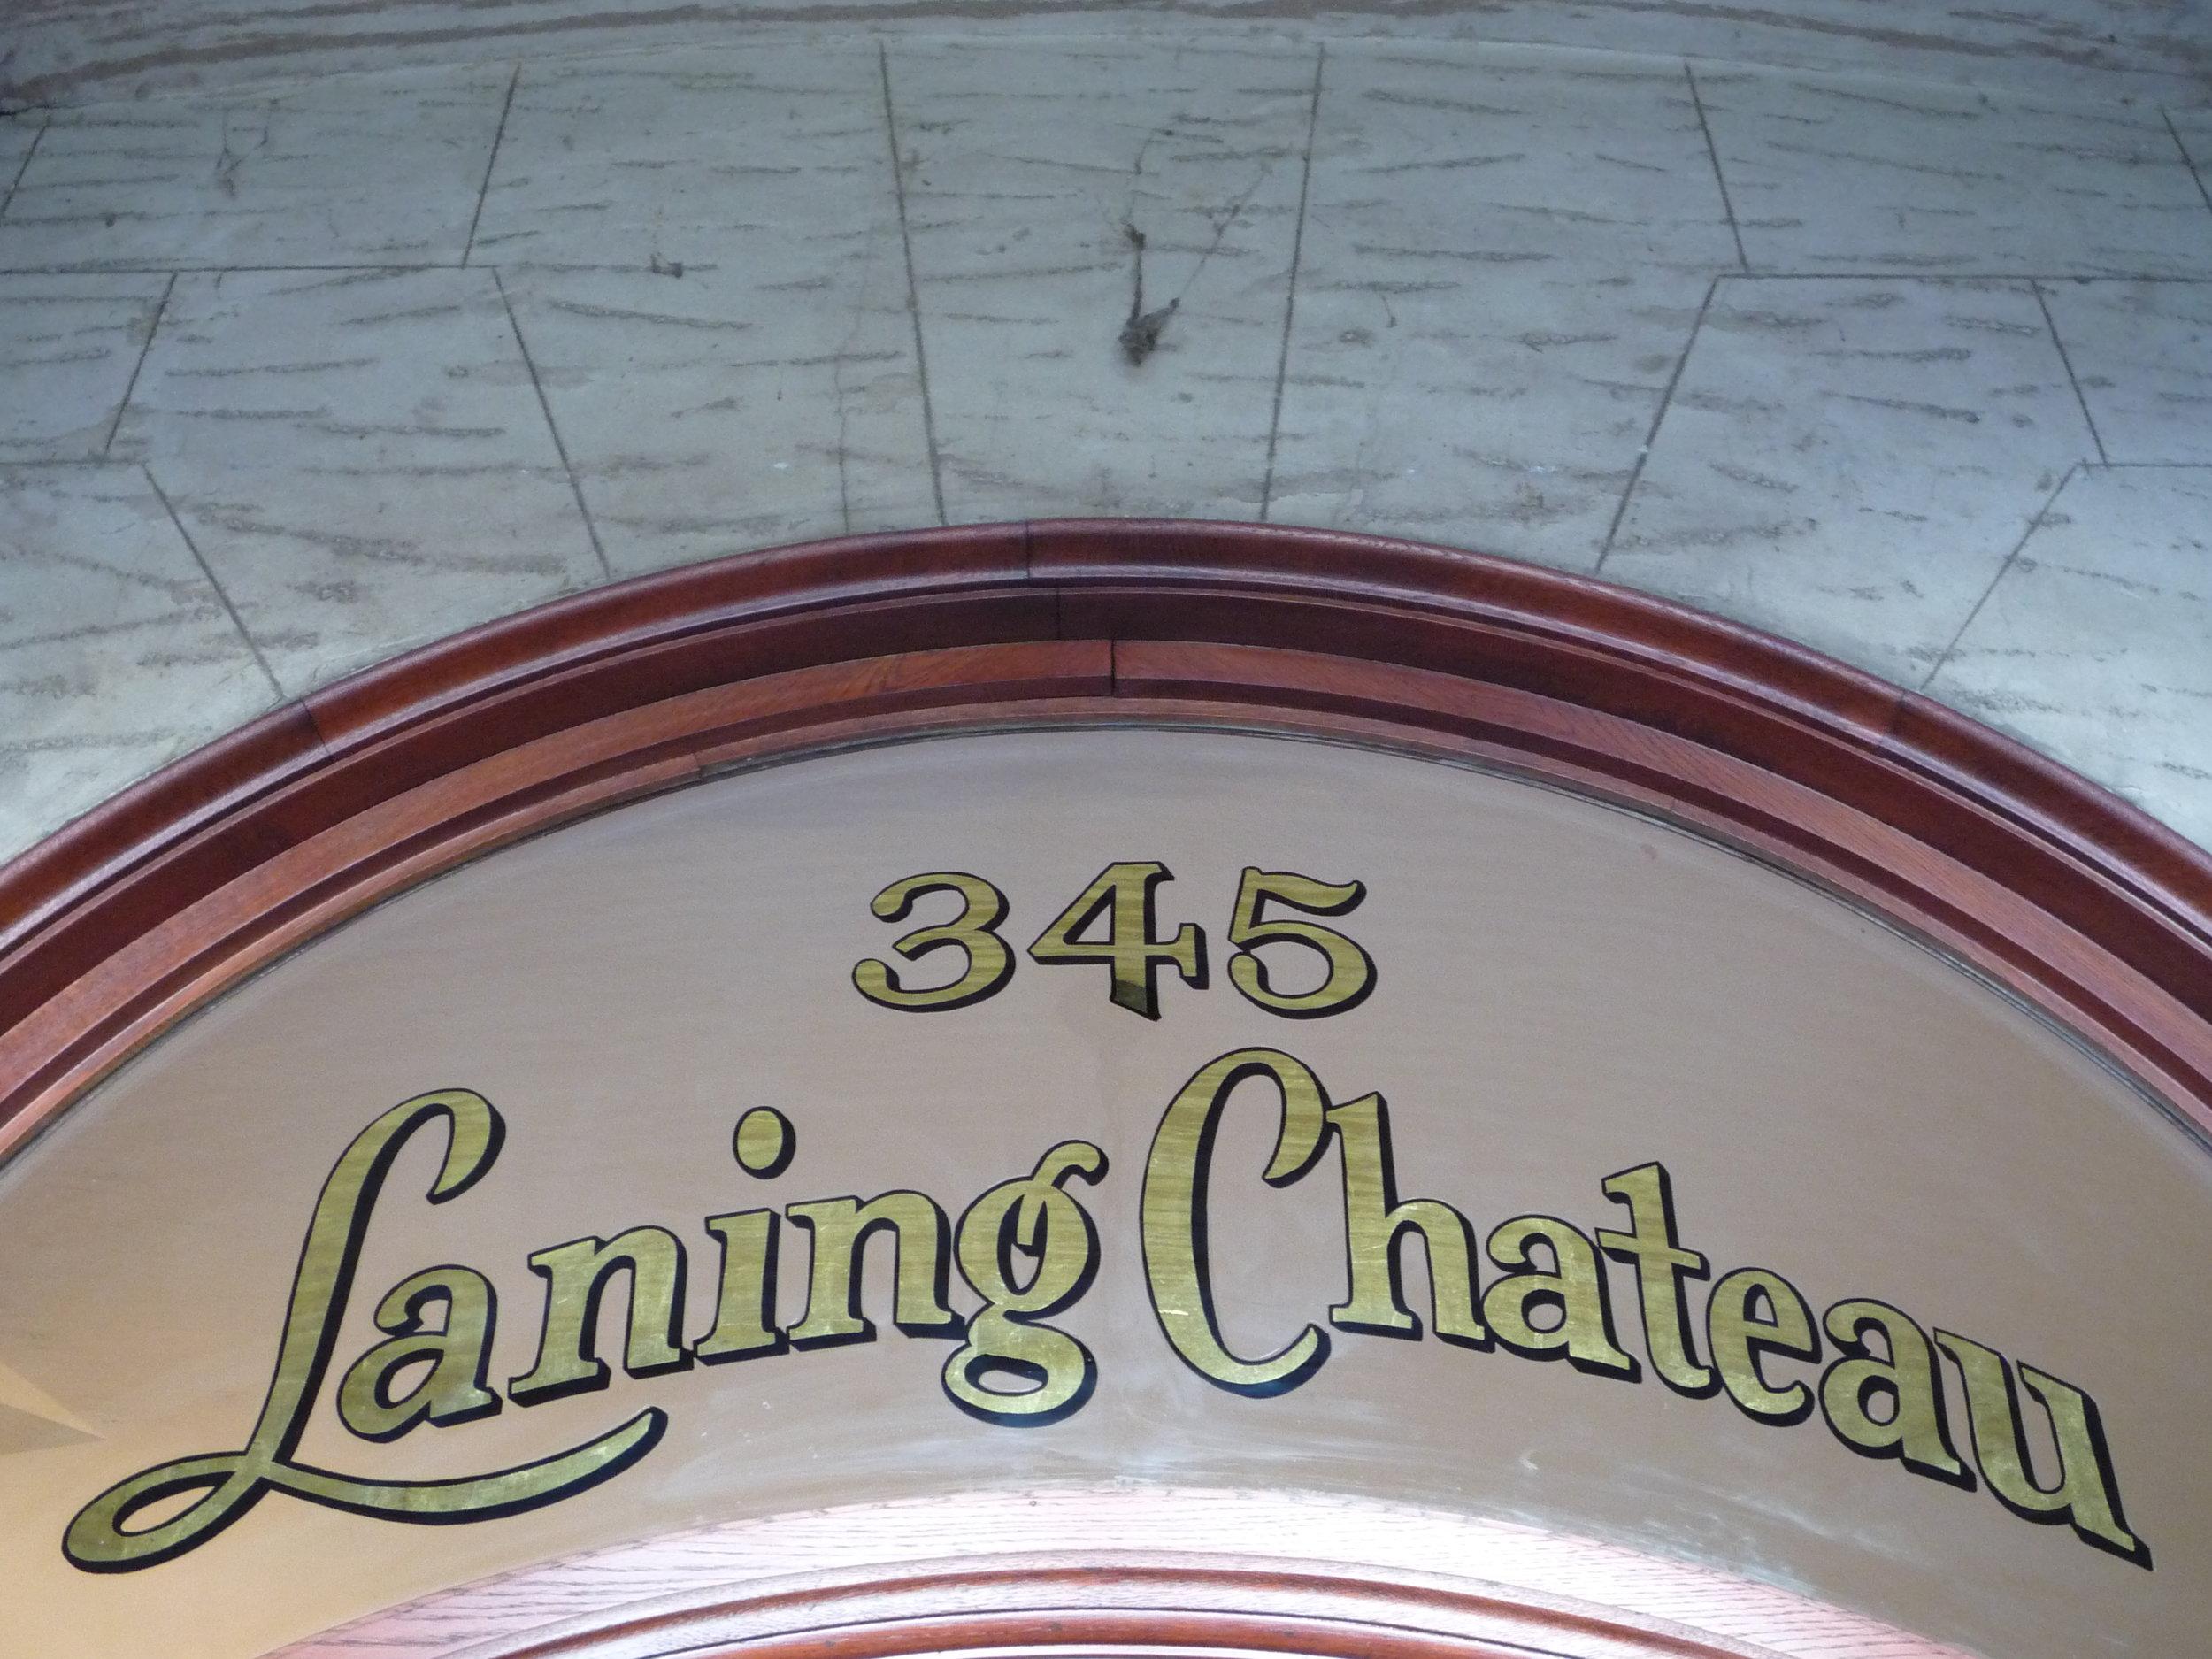 GOLD-laning-chateau_3618617560_o.jpg